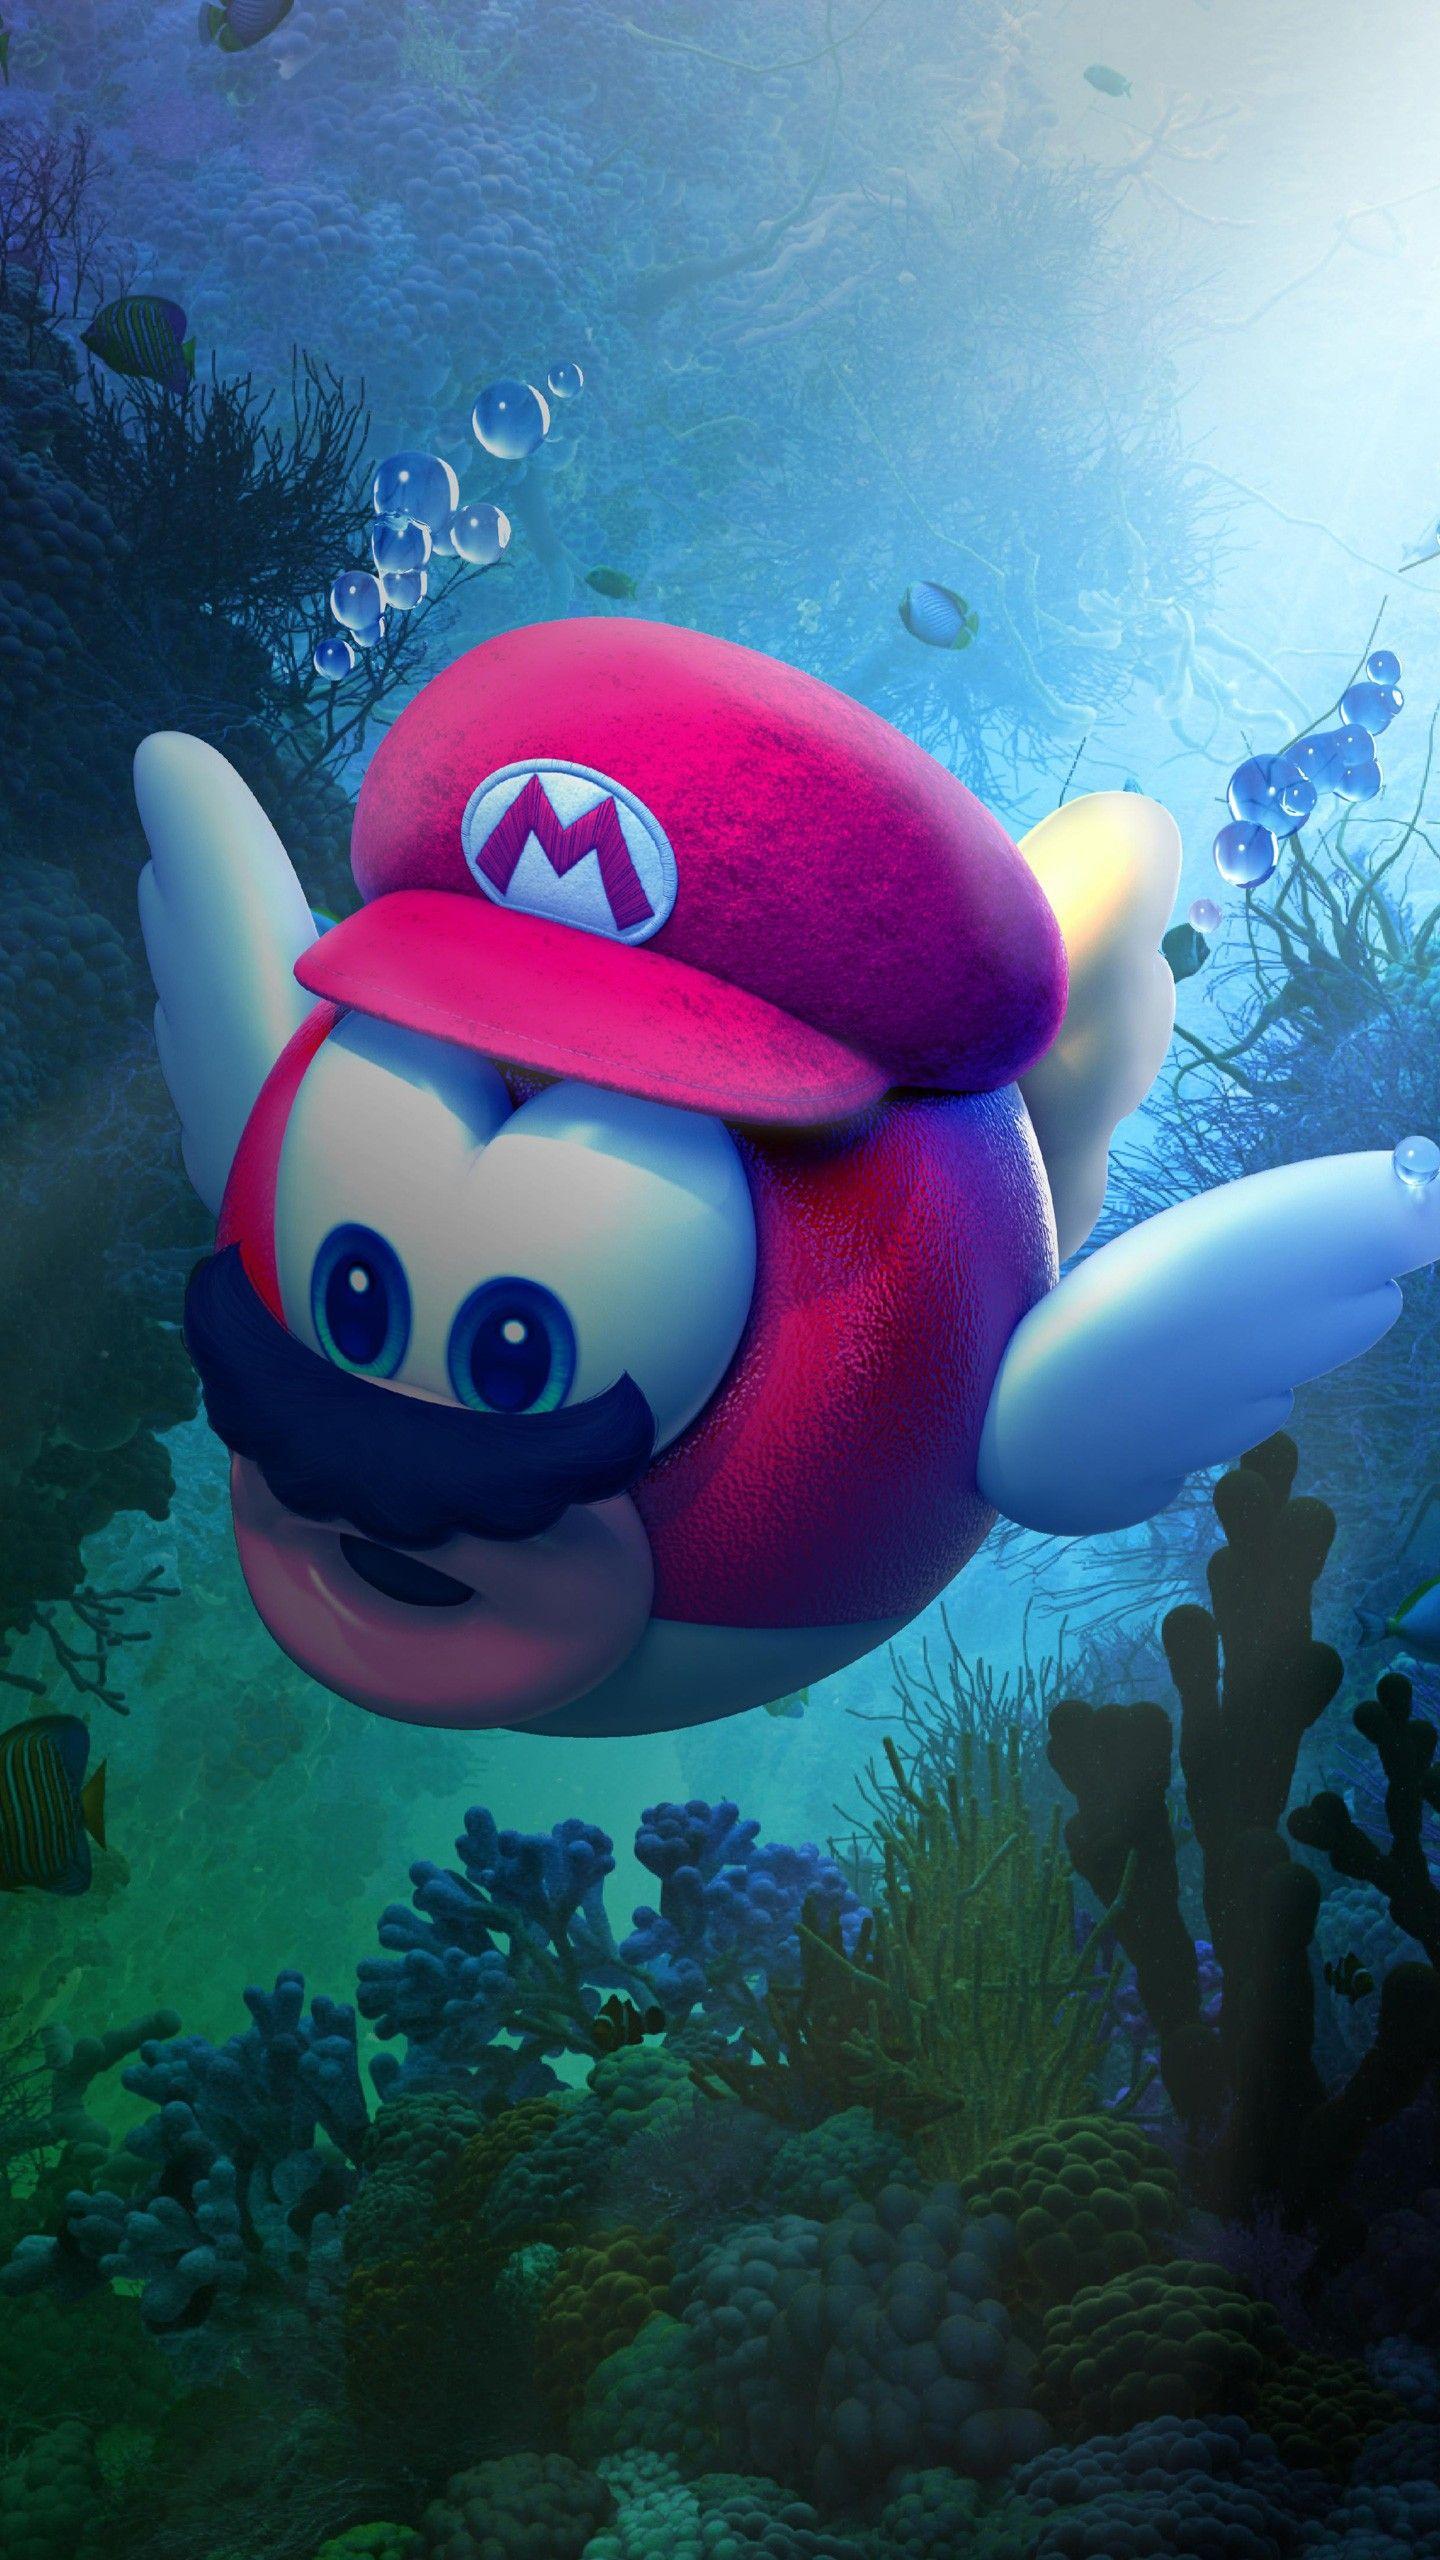 Misc Super Mario Odyssey Underwater 4k Wallpapers Super Mario Art Super Mario Bros Mario Art